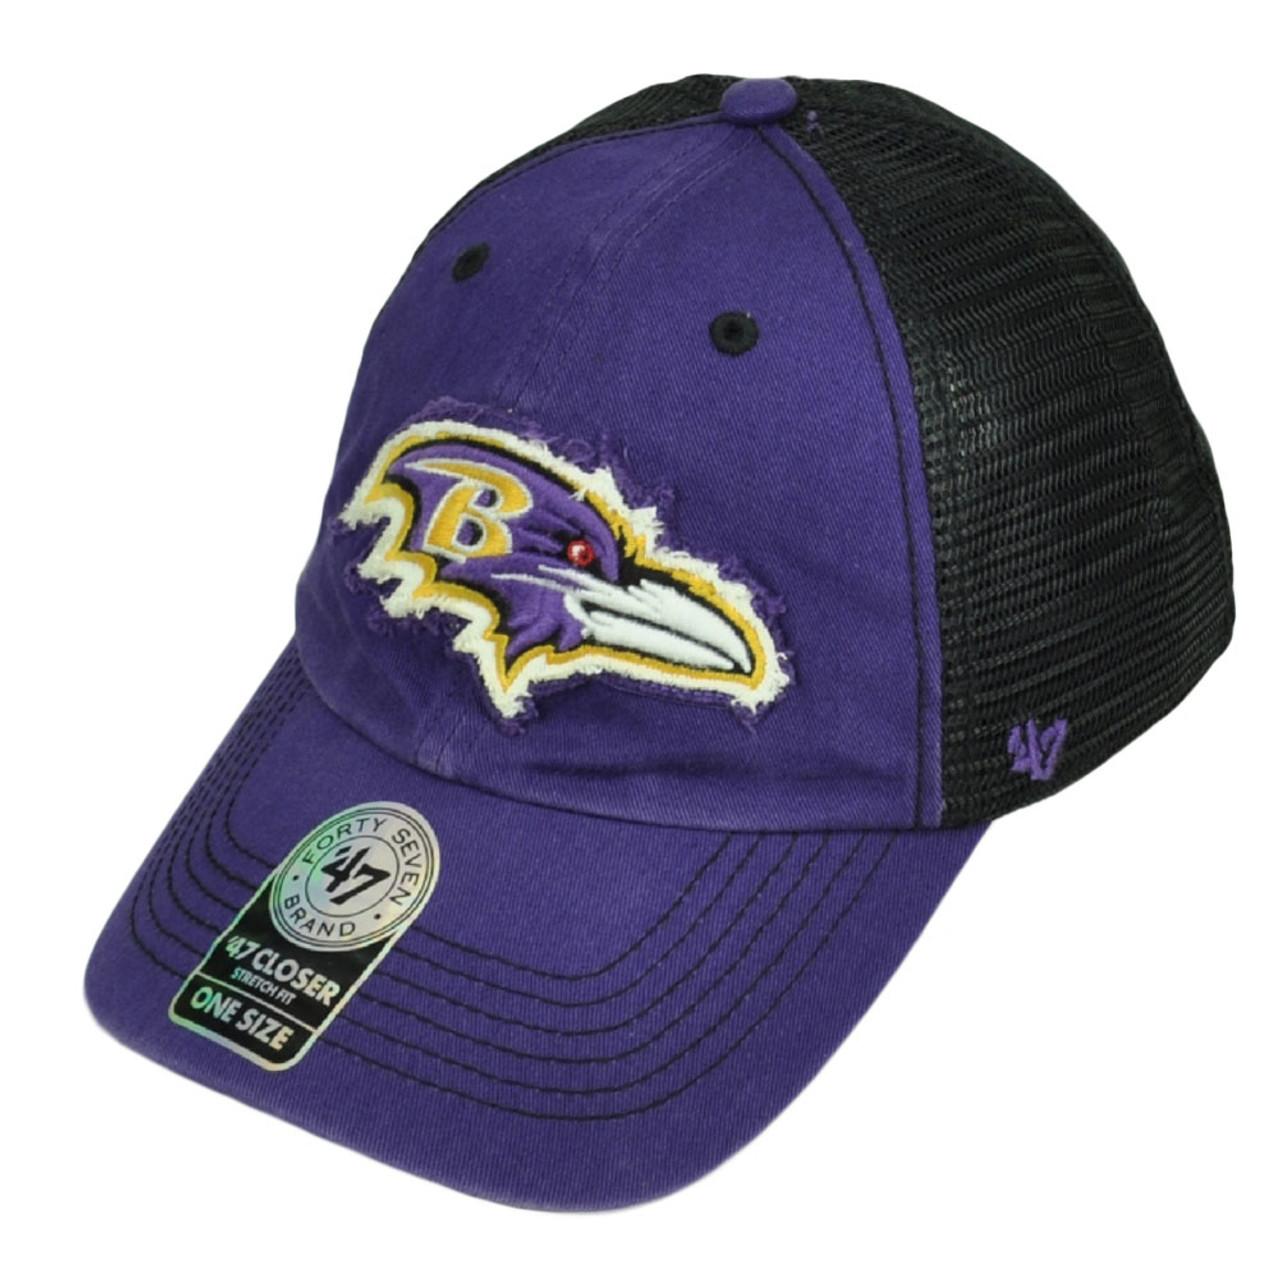 finest selection 19f65 fc5e5  47 Brand Baltimore Ravens Distressed Mesh Flex Fit One Size Hat Cap Purple  Blk - Cap Store Online.com